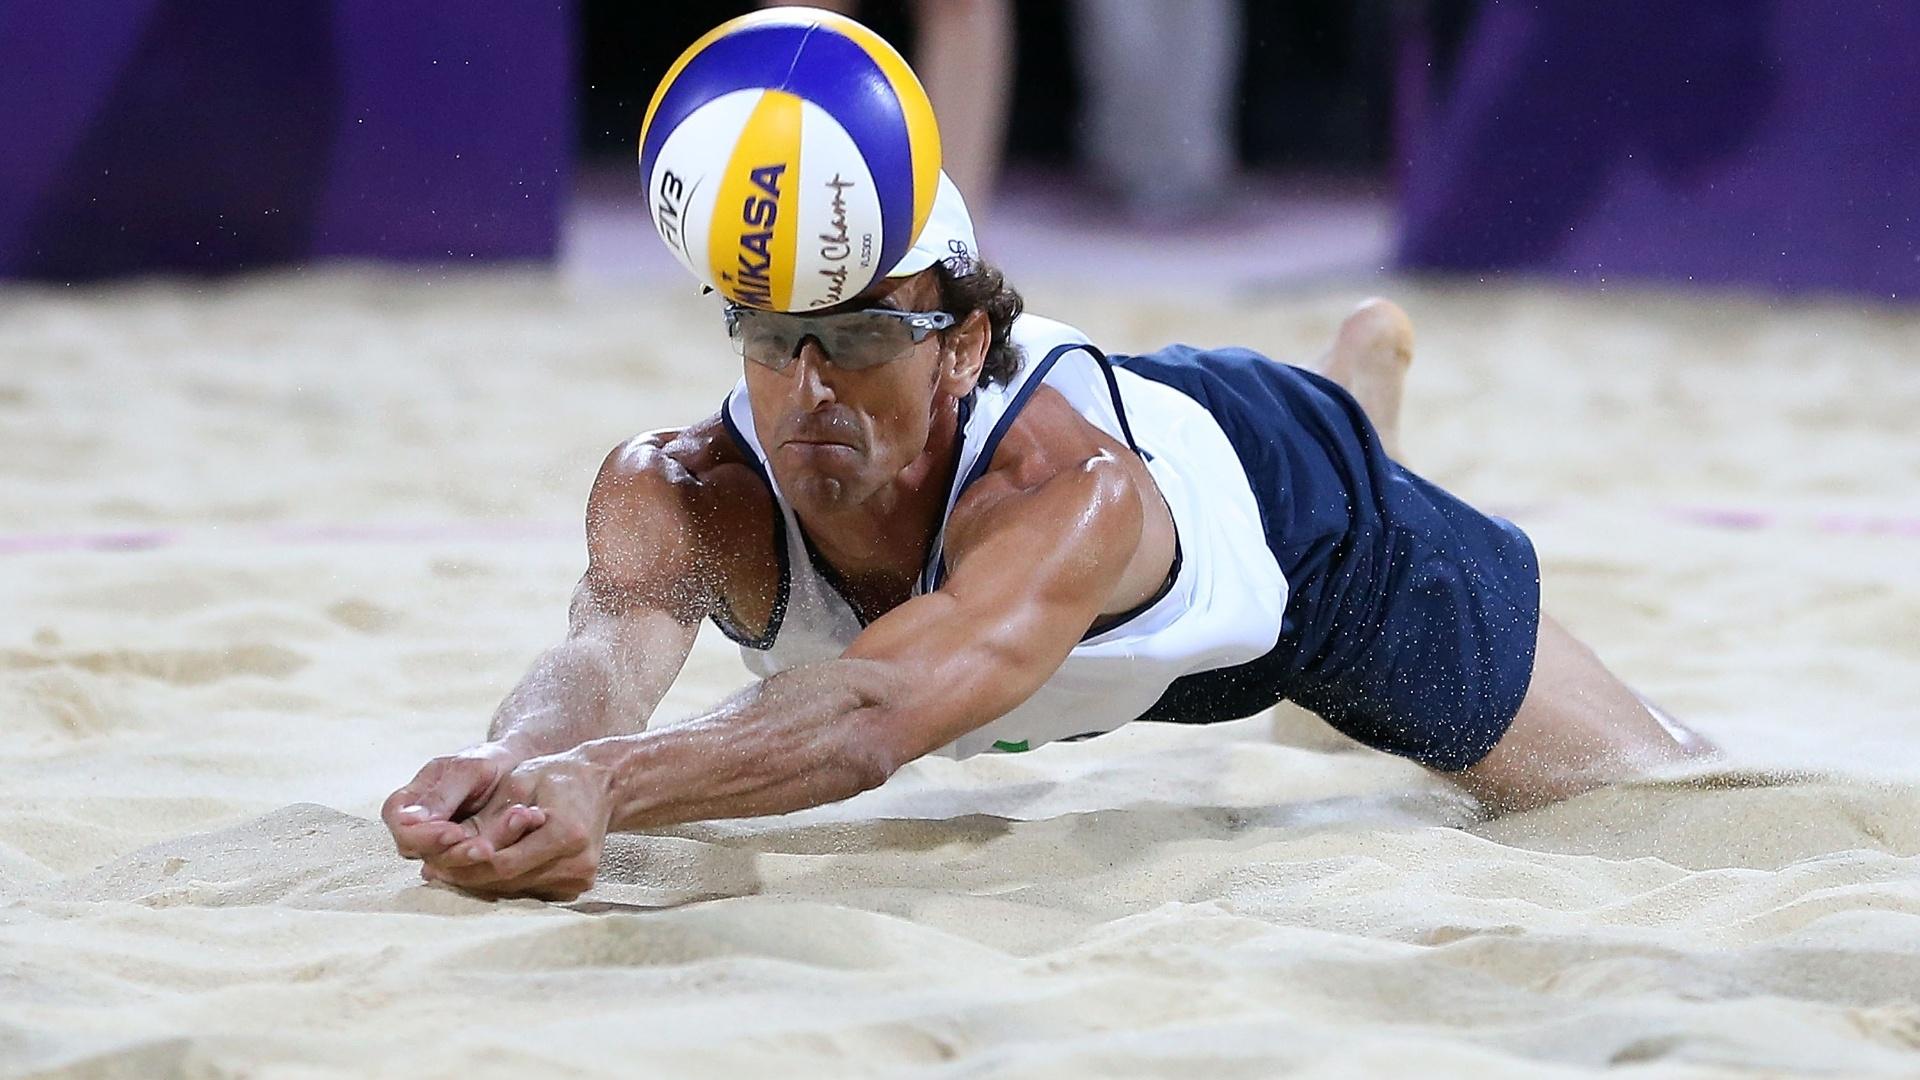 http://imguol.com/2012/08/09/emanuel-se-joga-na-areia-e-faz-defesa-para-a-dupla-brasileira-na-decisao-dos-jogos-olimpicos-de-londres-1344545066552_1920x1080.jpg